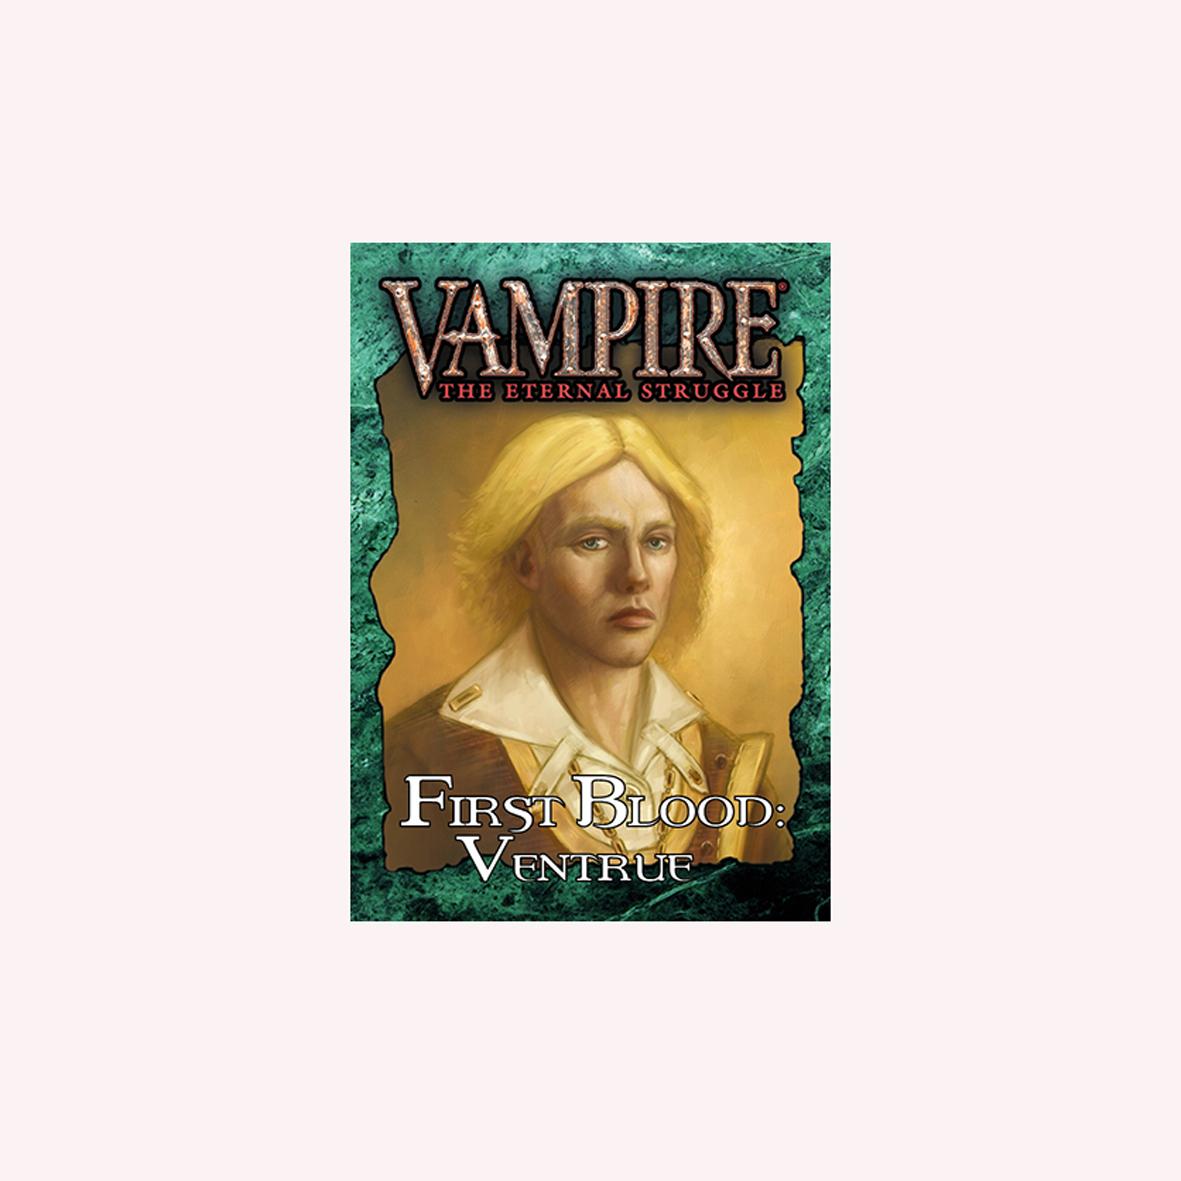 VAMPIRE THE ETERNAL STRUGGLE - PRIMEIRO SANGUE VENTRUE